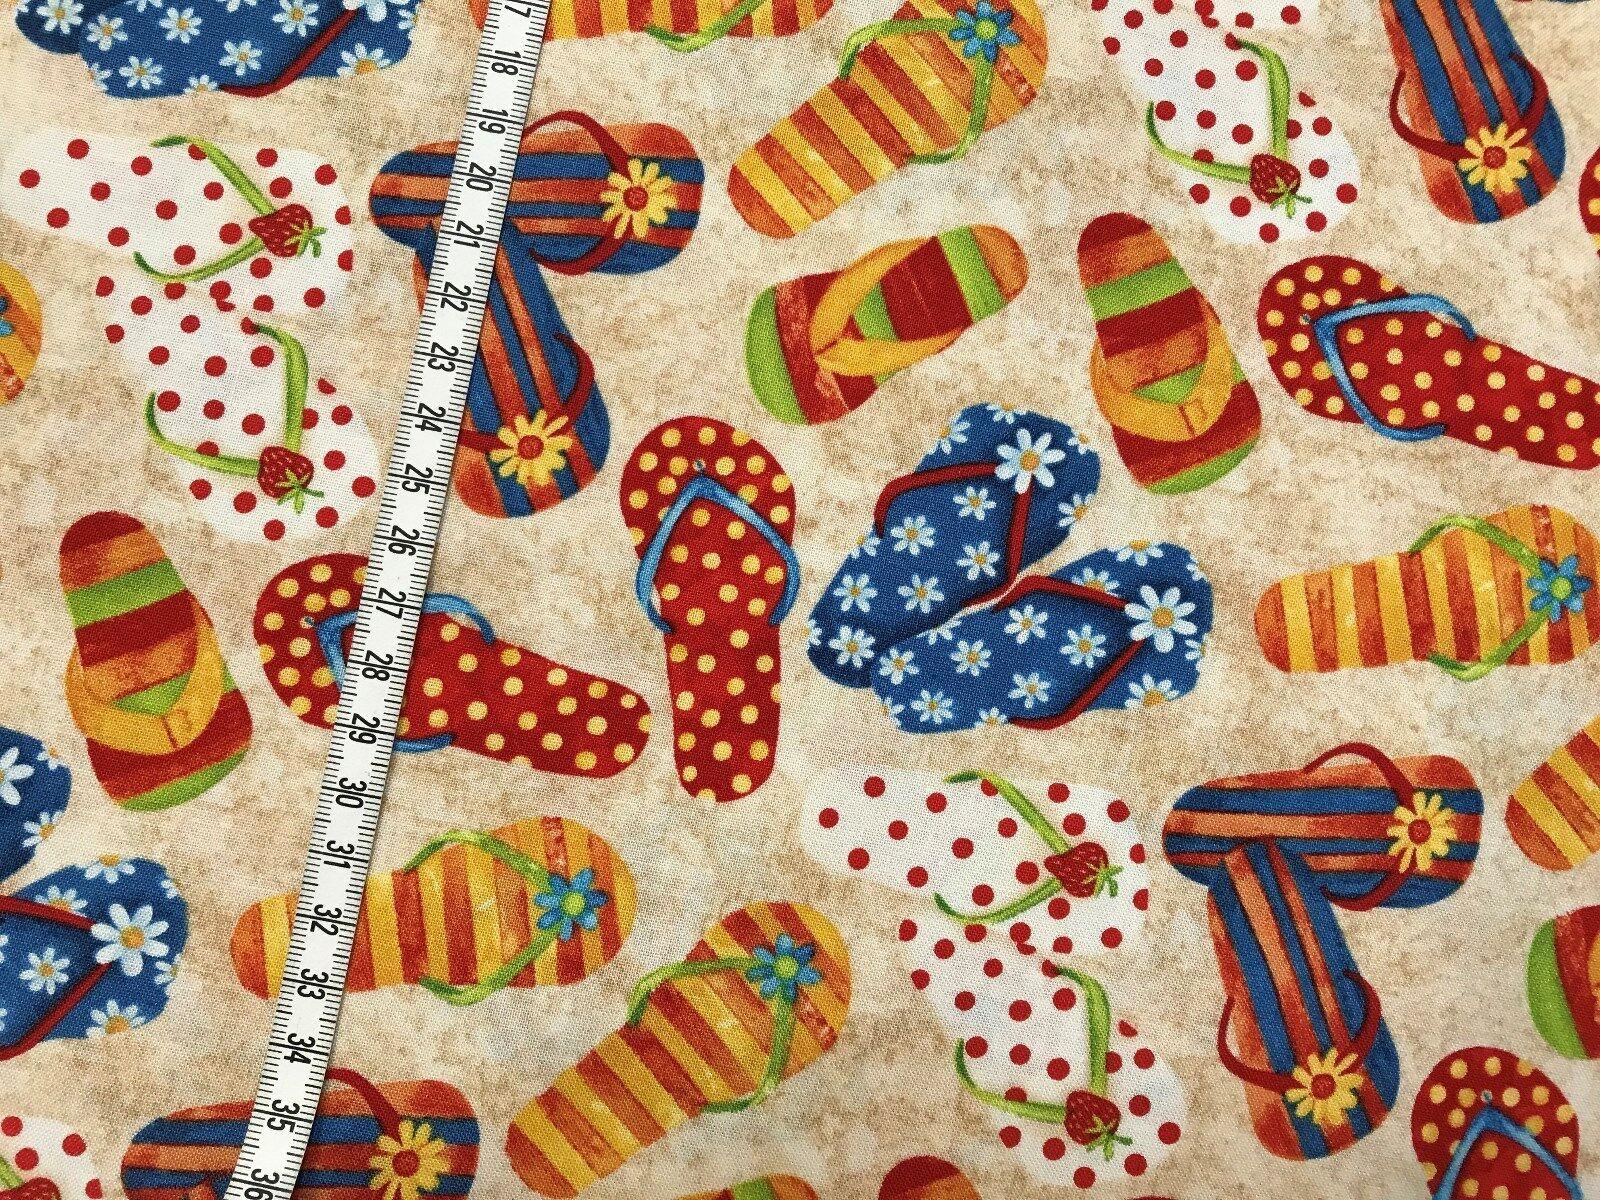 Sandalen Badeschlappen USA Designerstoff Baumwollstoff